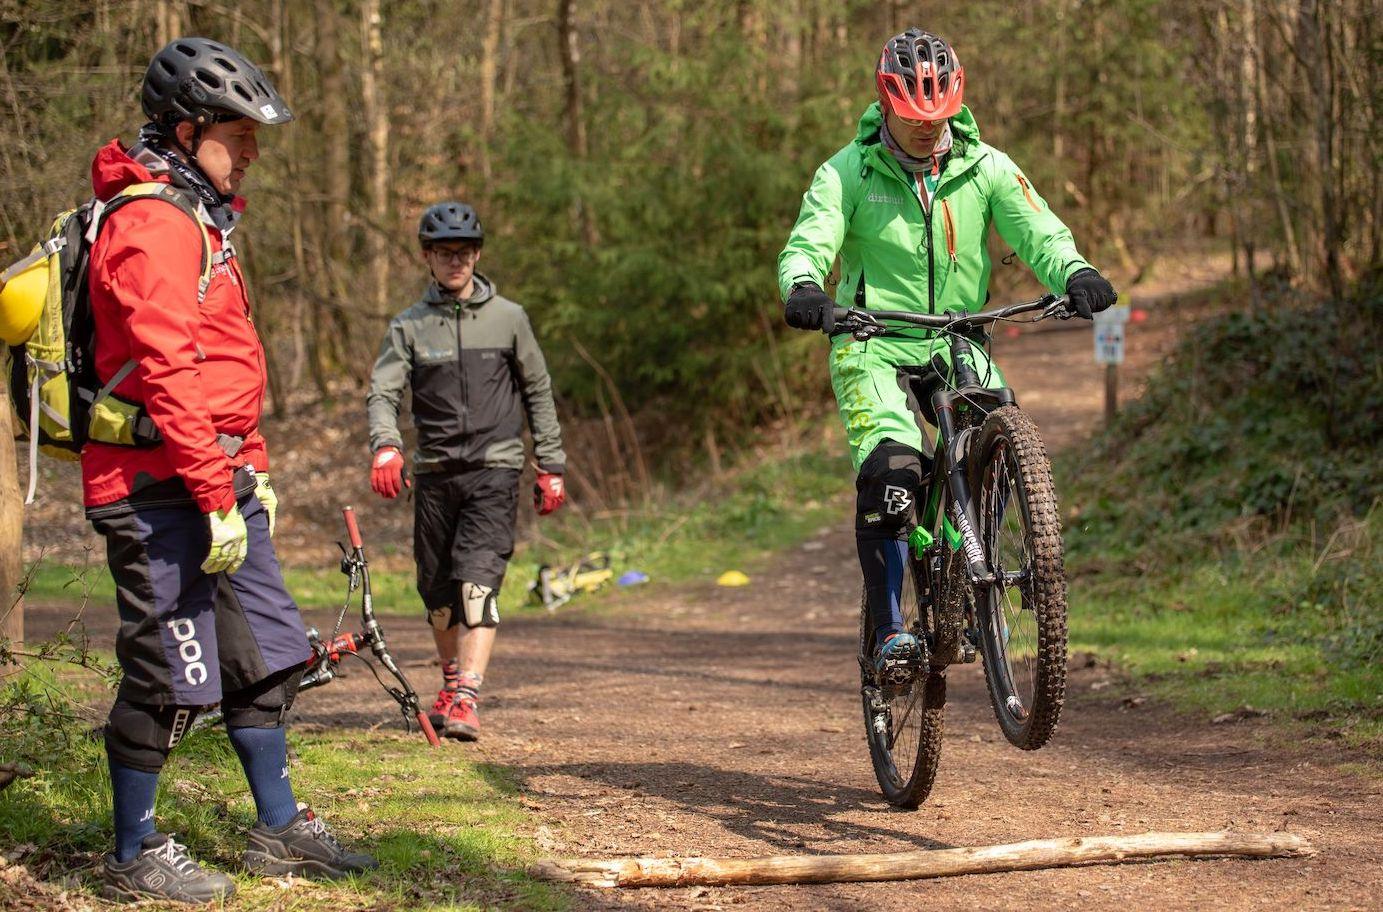 Slider_Experten Fahrtechnik Kurs in Darmstadt - Rock my Trail MTB und eBike Bikeschule 2